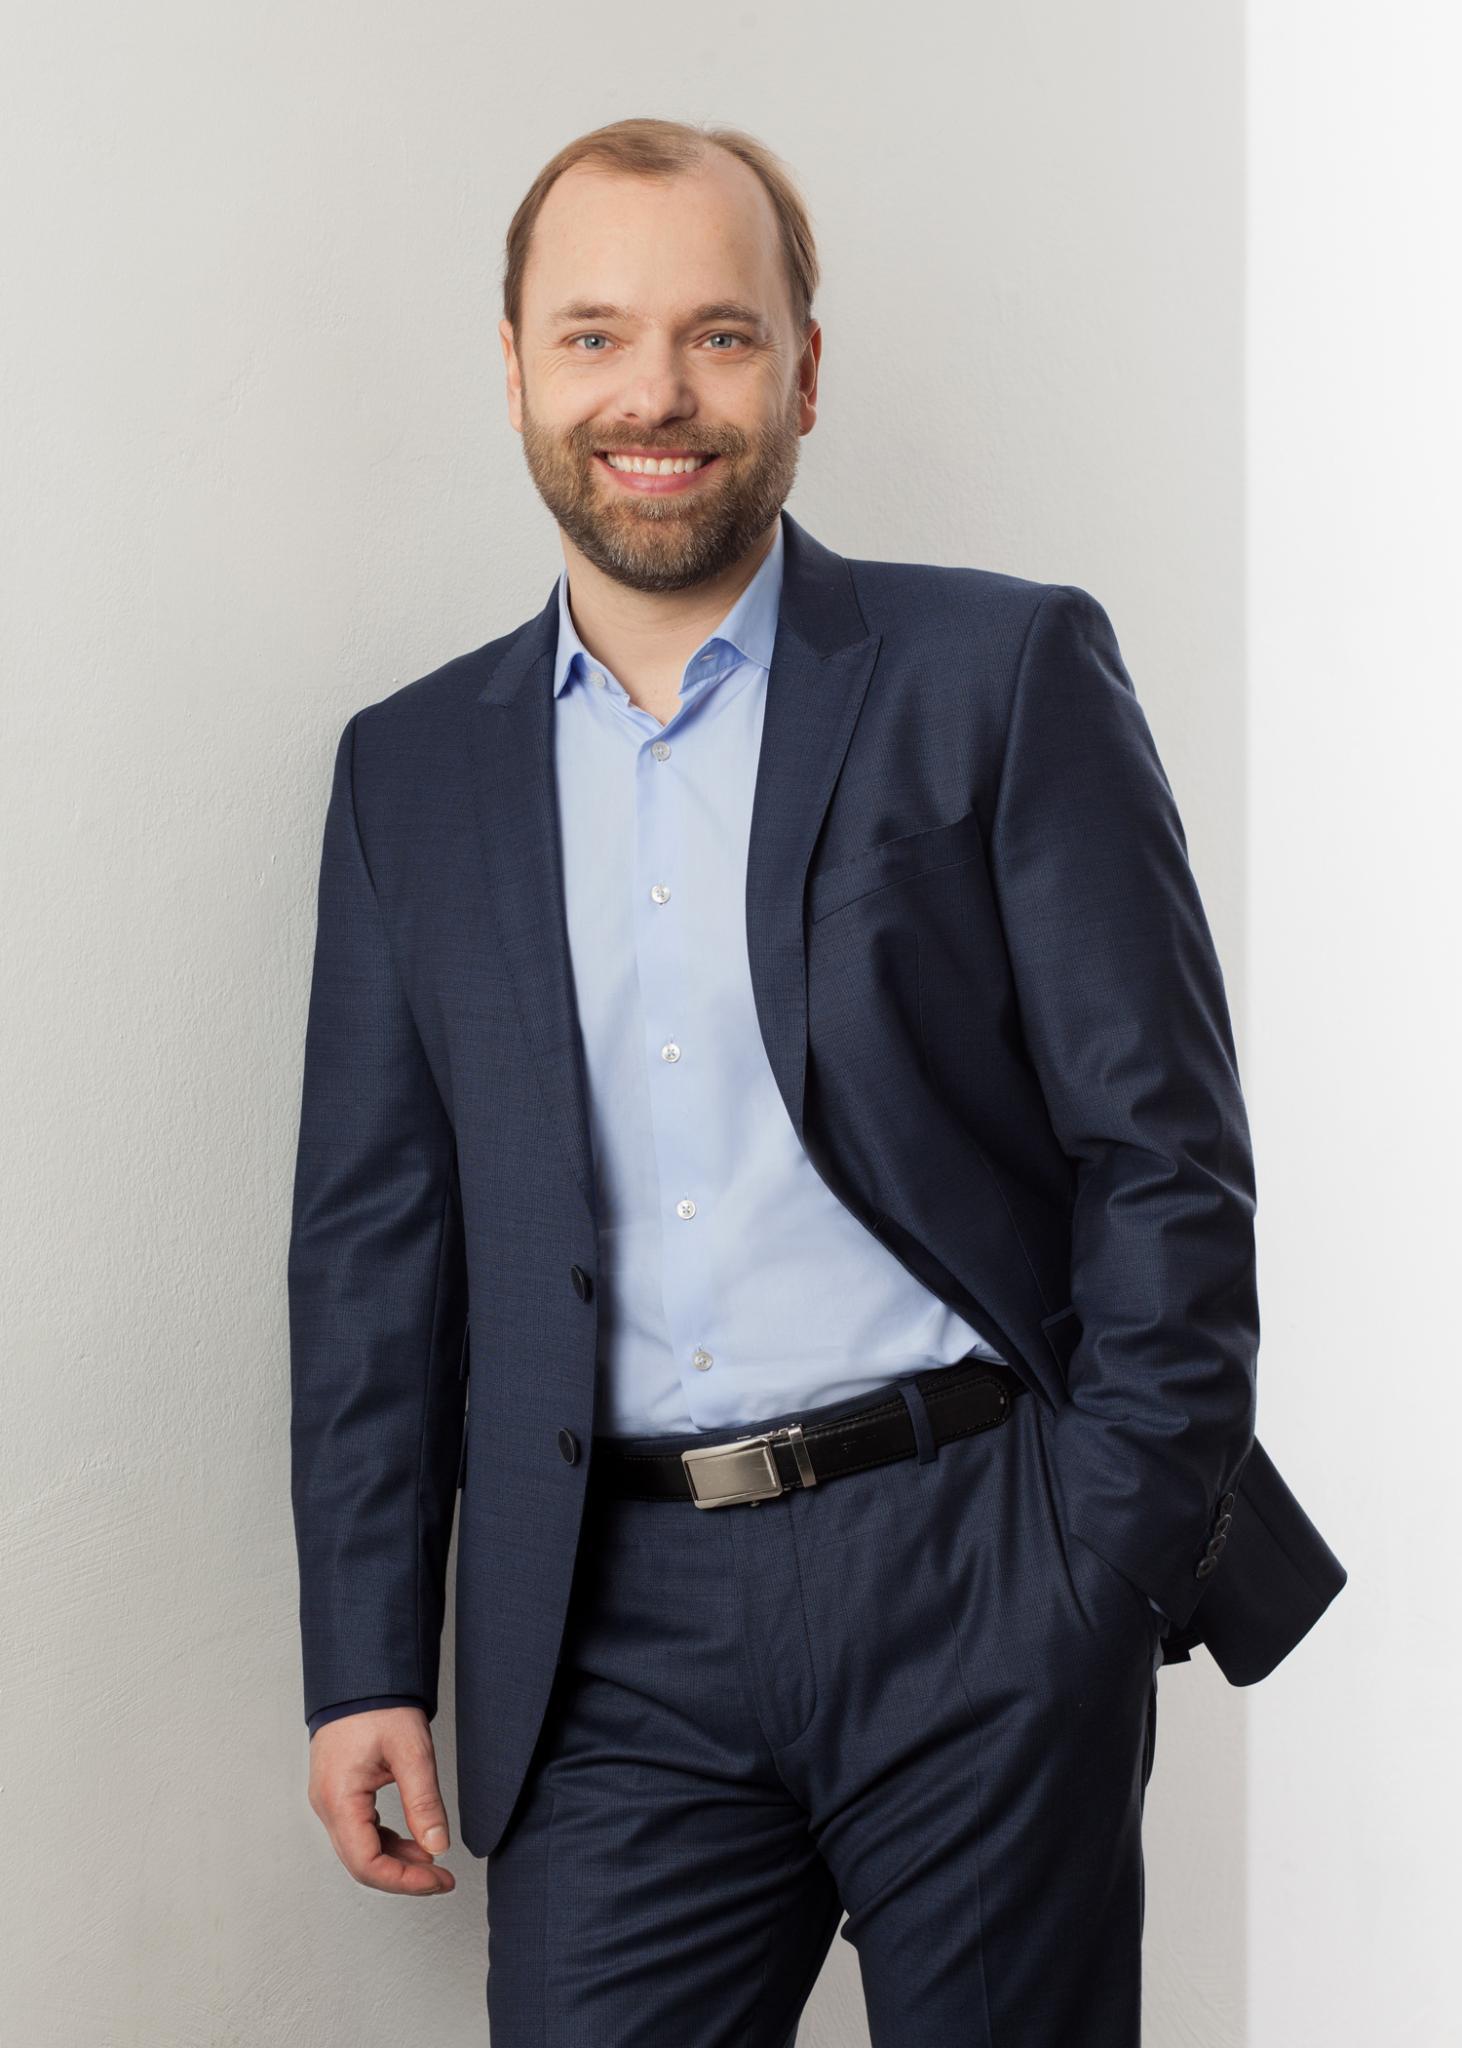 Dr. Rene Schumann Facharzt für Plastische und Ästhetische Chirurgie (Yuveo Klinik Düsseldorf)